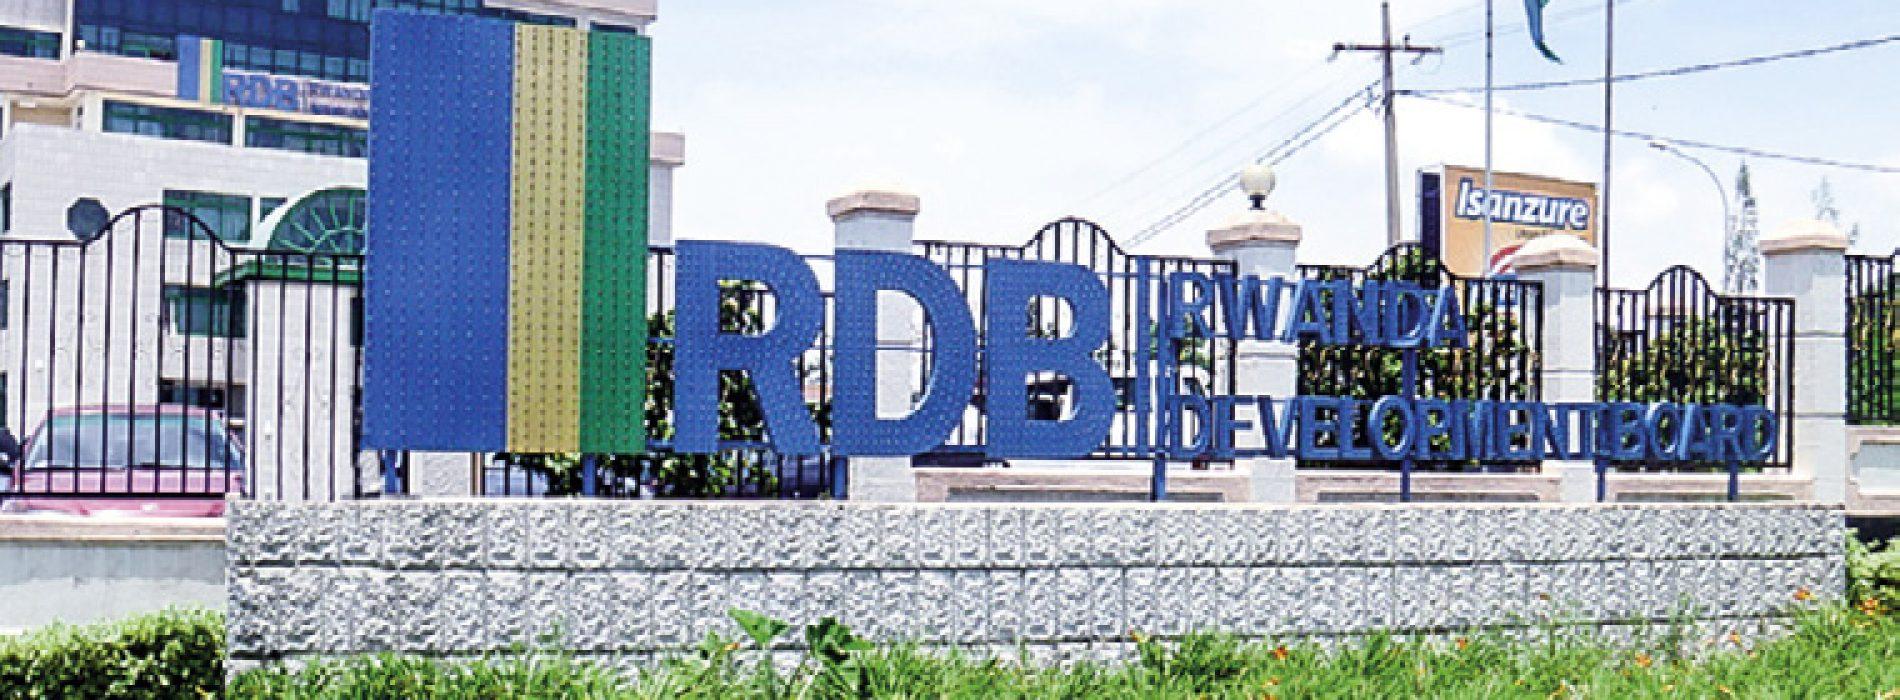 5 miliardi di investimenti in Ruanda grazie agli incentivi statali